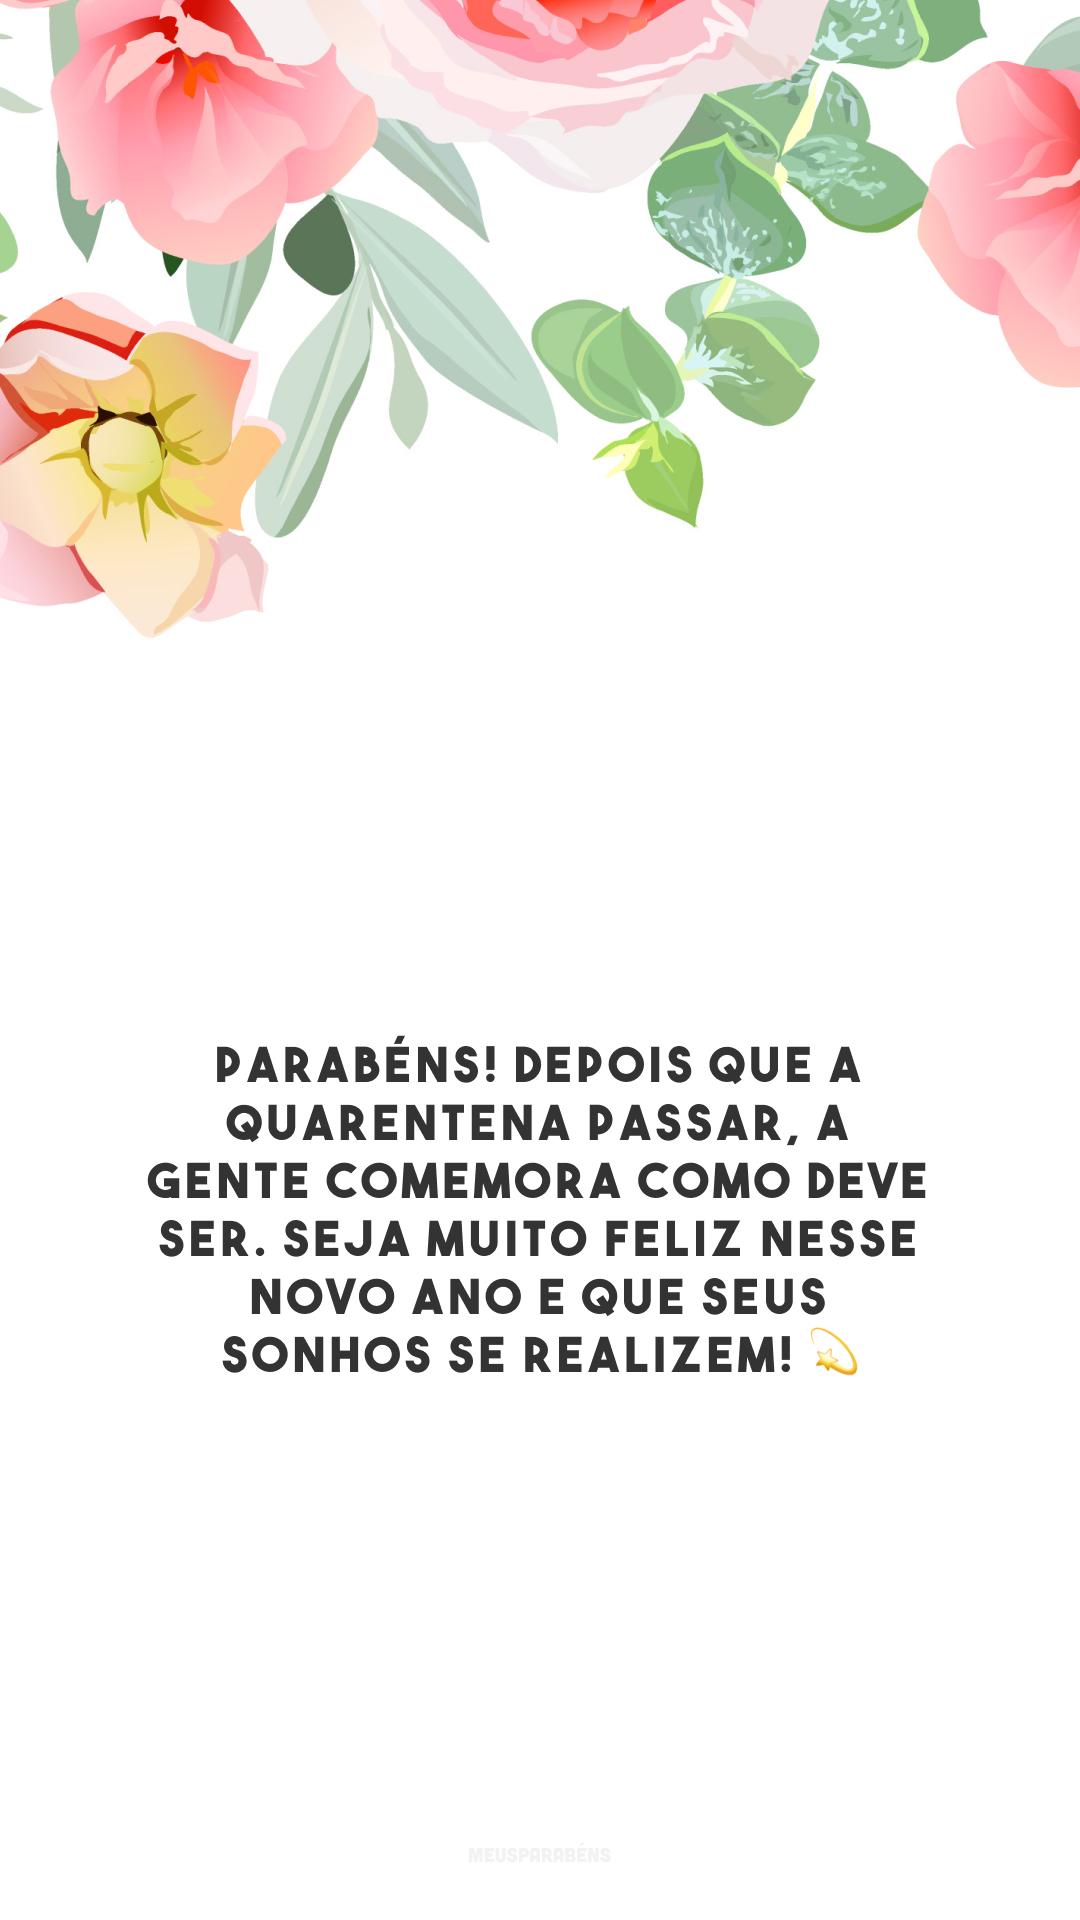 Parabéns! Depois que a quarentena passar, a gente comemora como deve ser. Seja muito feliz nesse novo ano e que seus sonhos se realizem! 💫